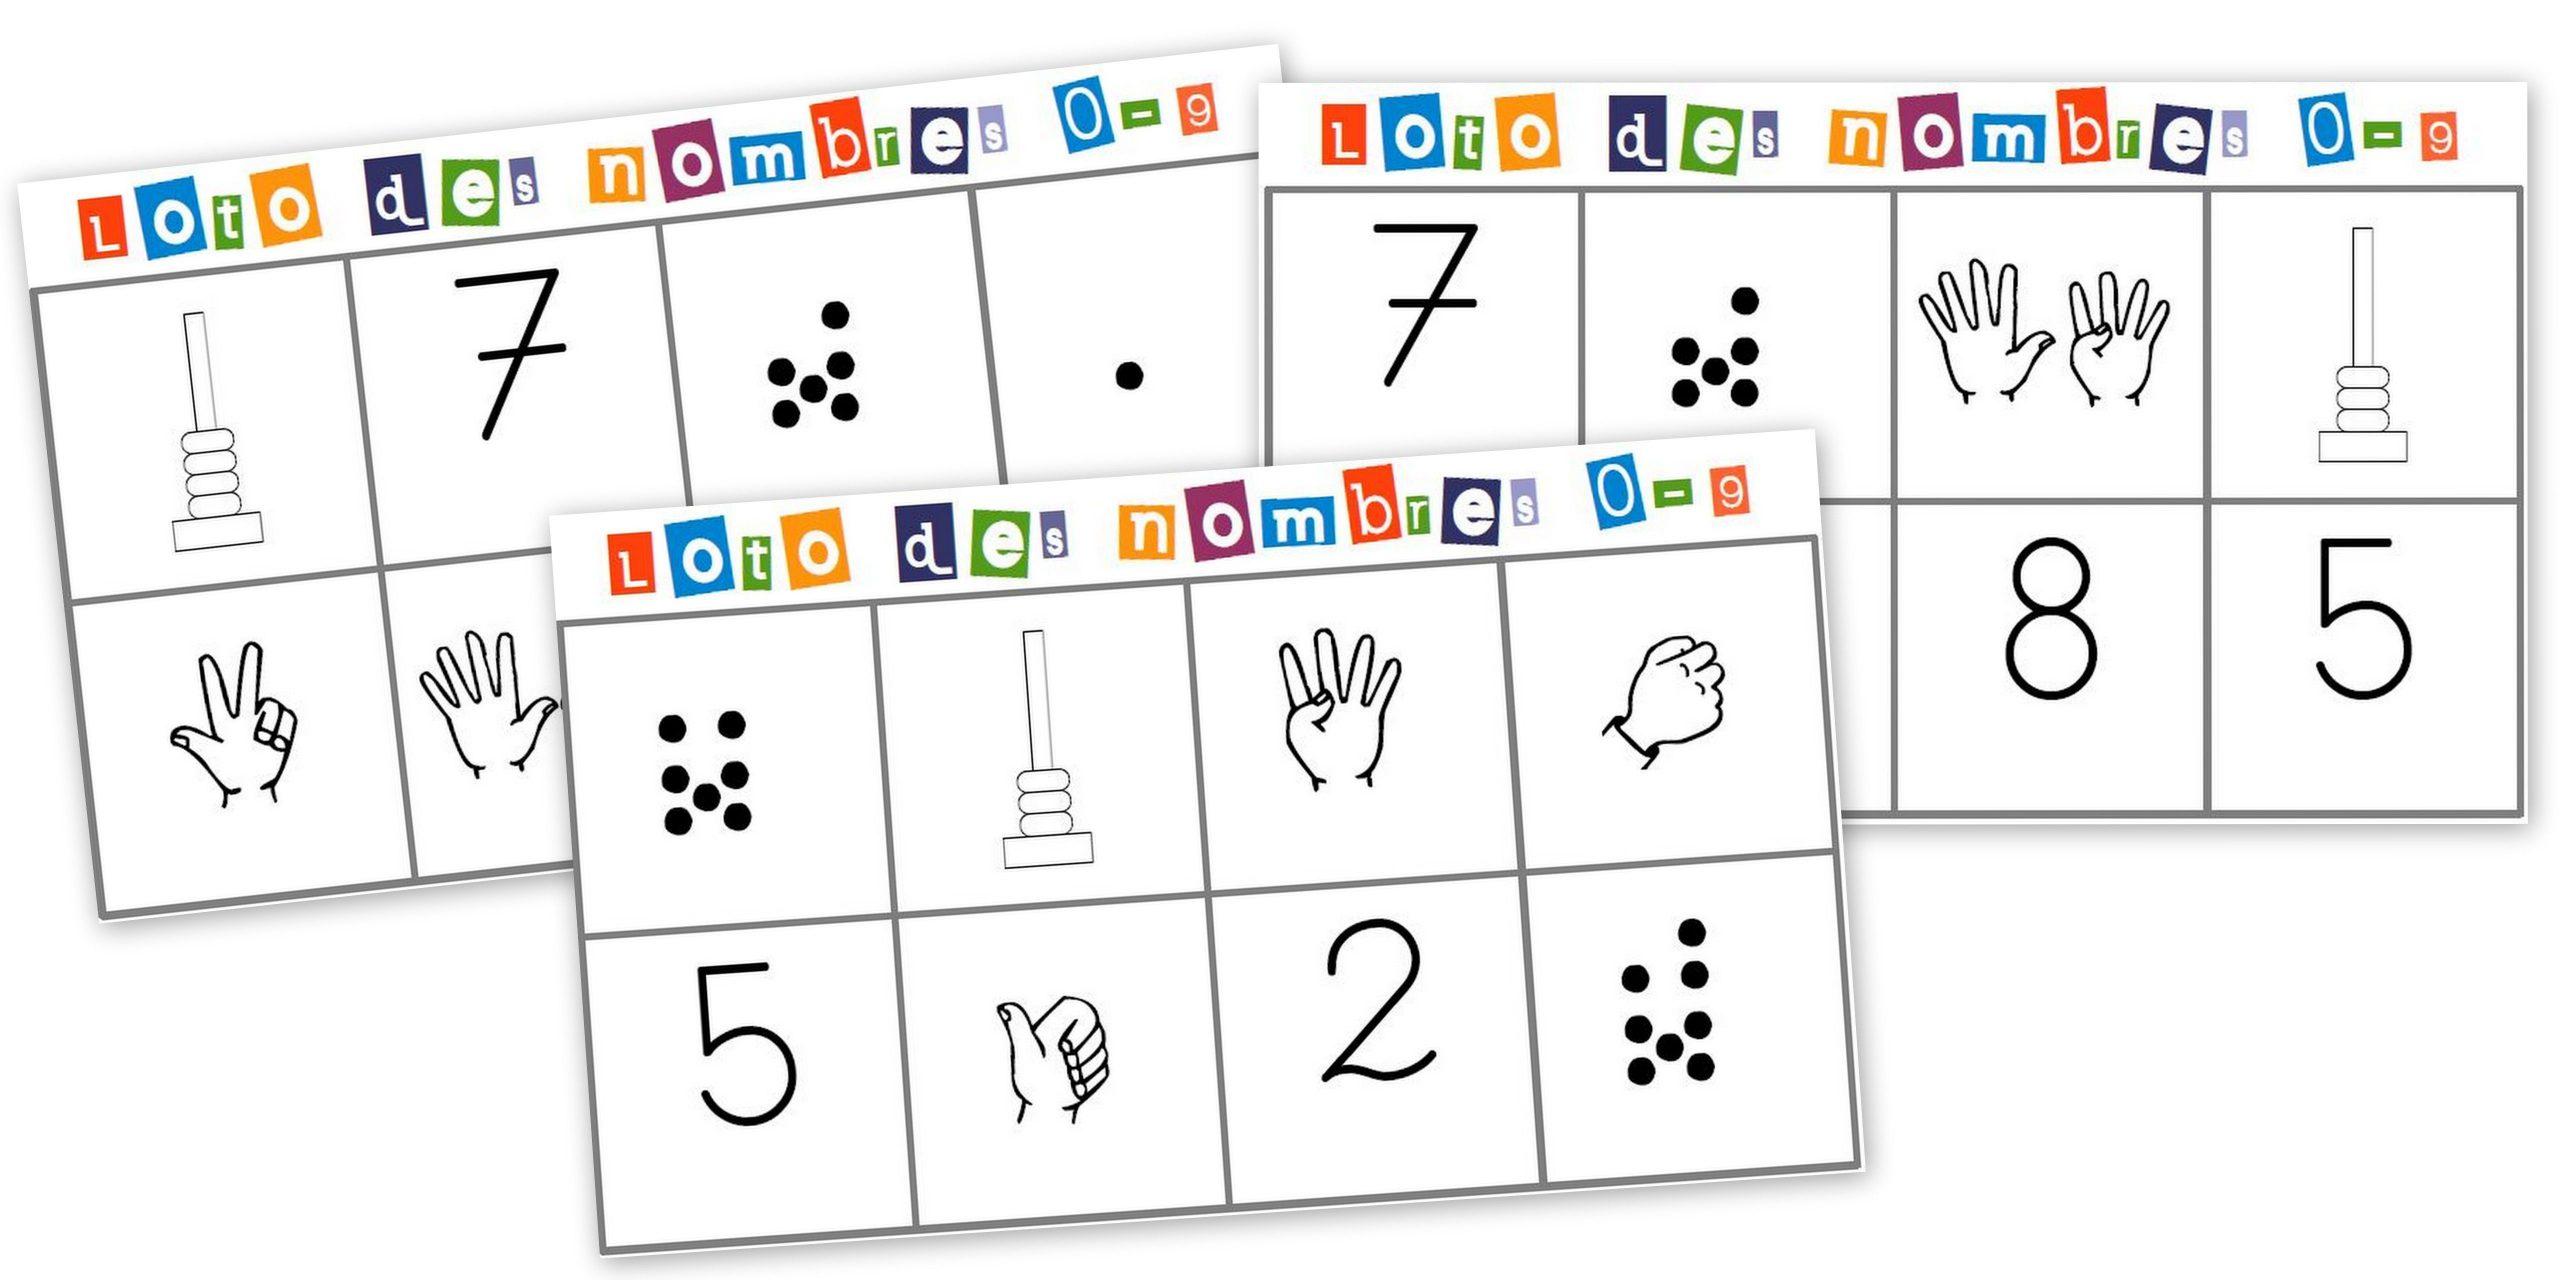 Loto Des Nombres, Diverses Représentations | Jeux concernant Jeux Avec Des Nombres